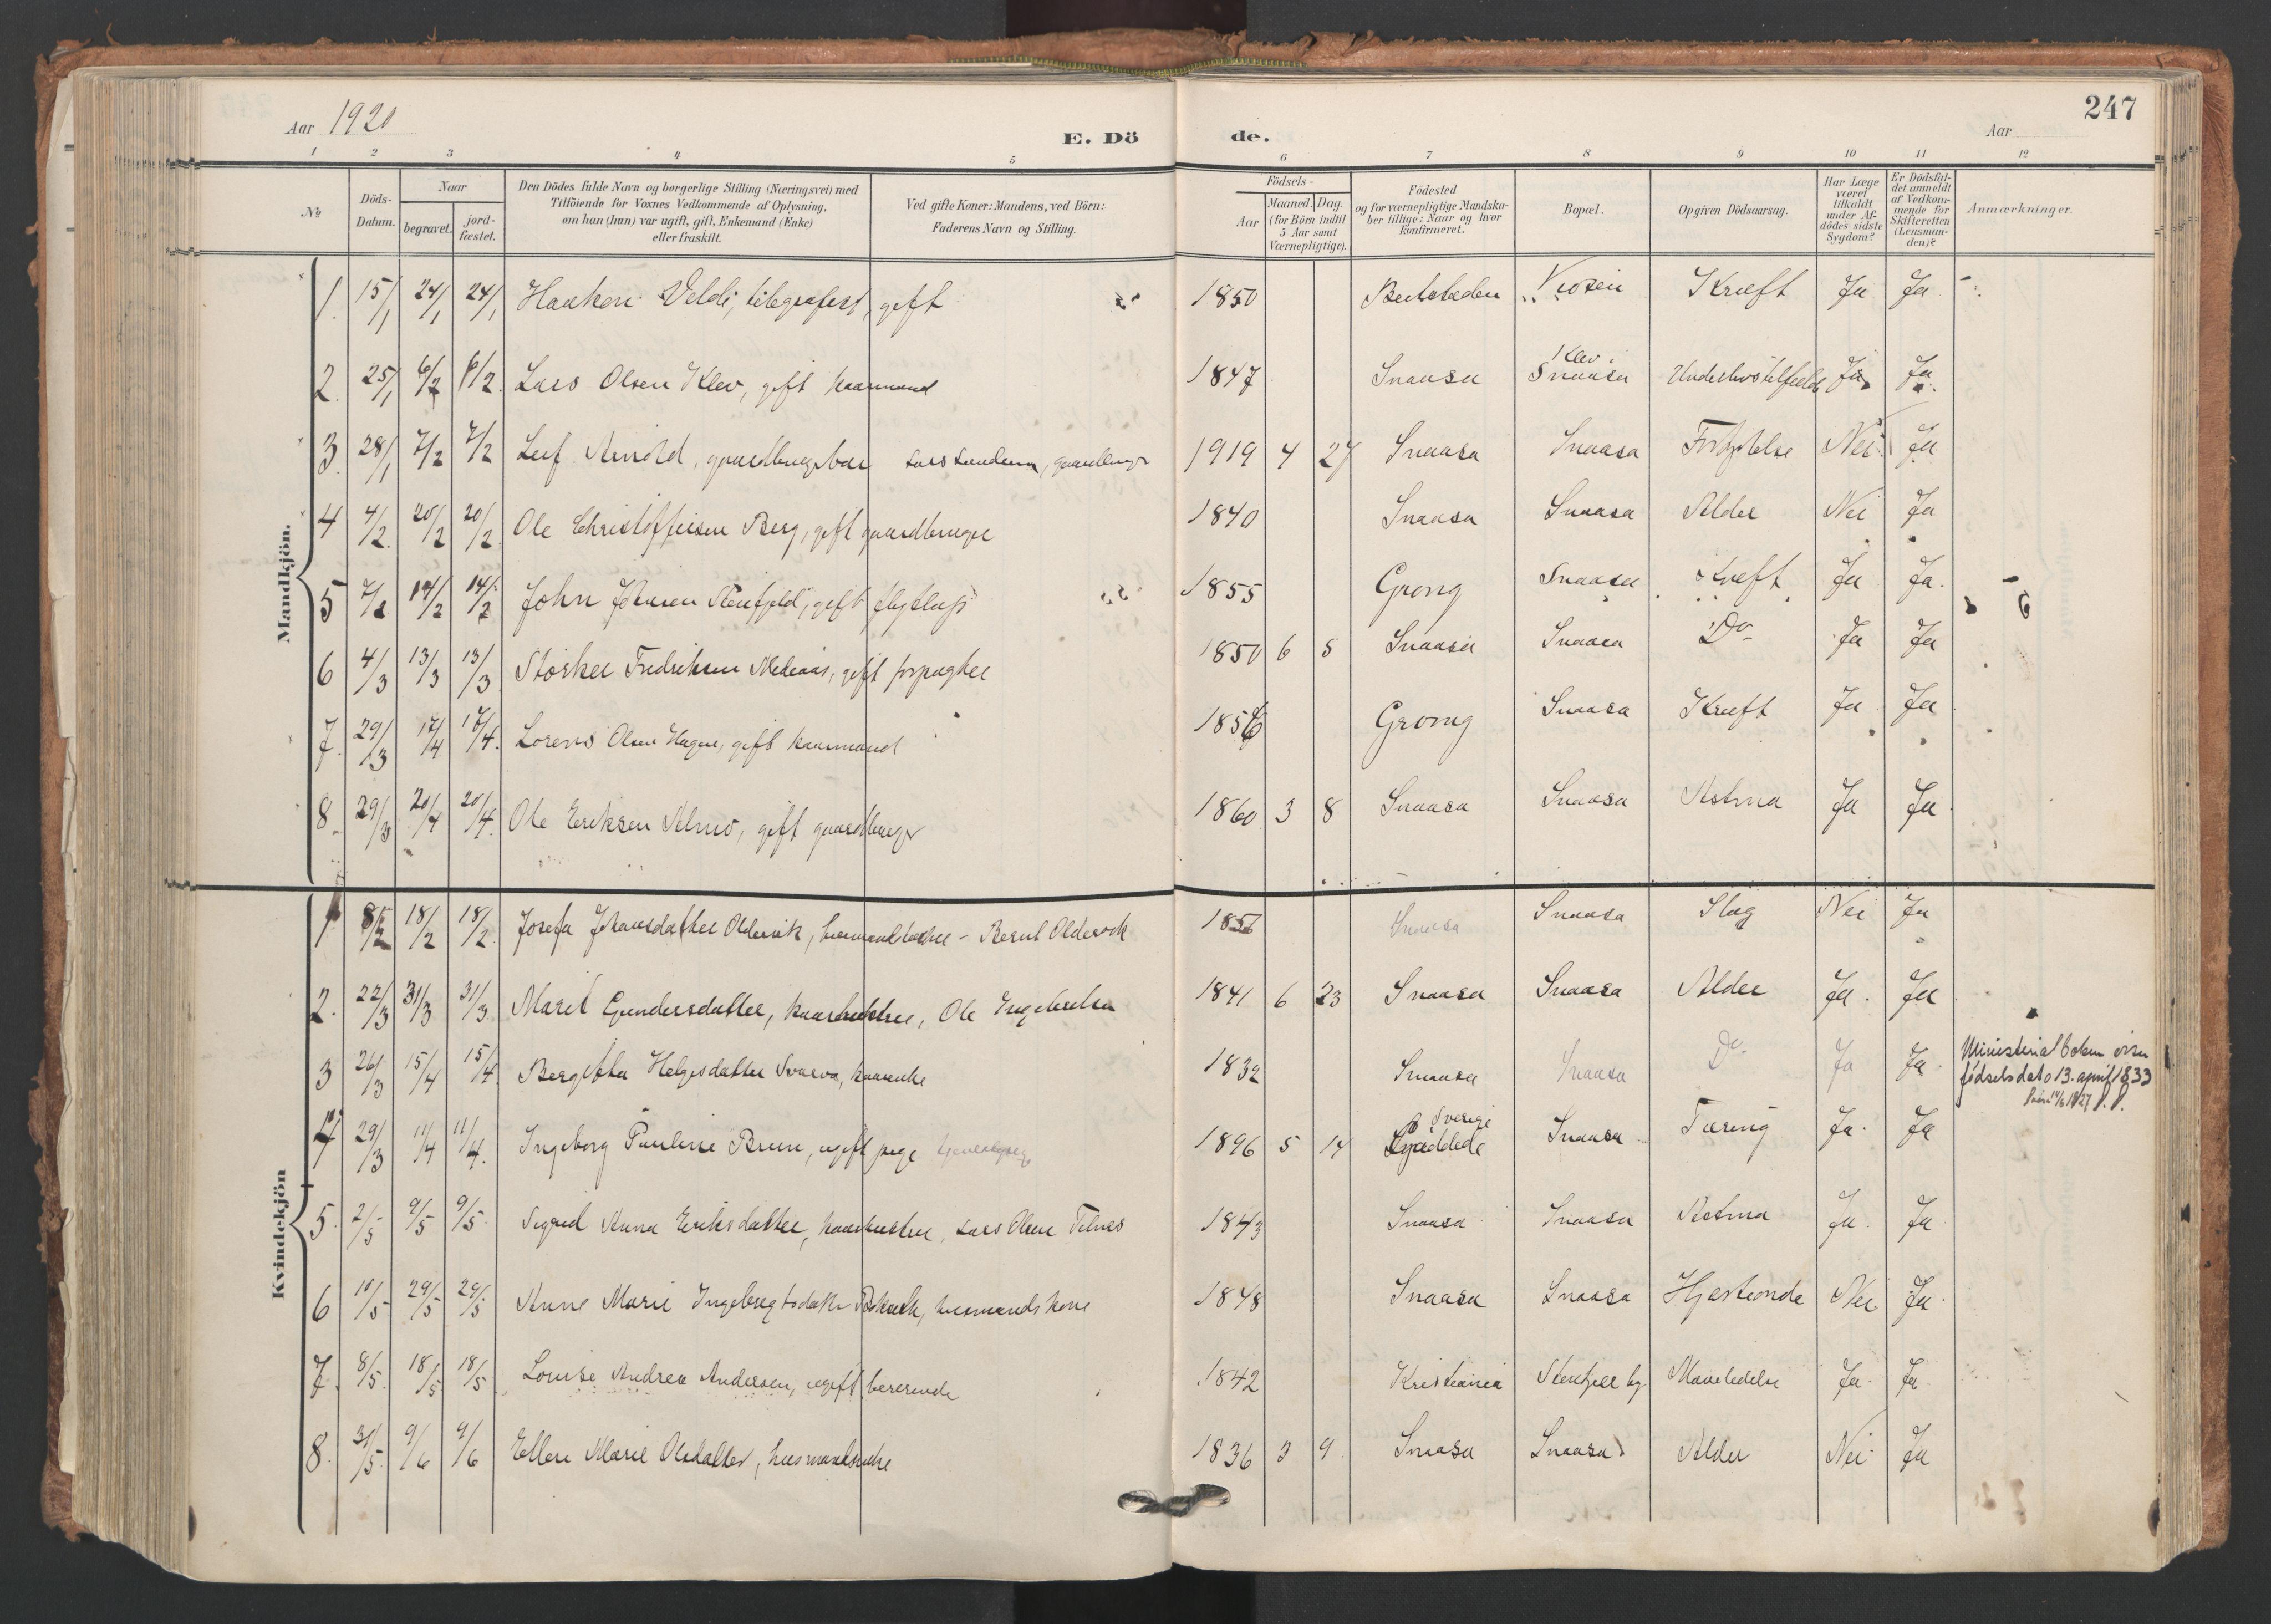 SAT, Ministerialprotokoller, klokkerbøker og fødselsregistre - Nord-Trøndelag, 749/L0477: Ministerialbok nr. 749A11, 1902-1927, s. 247